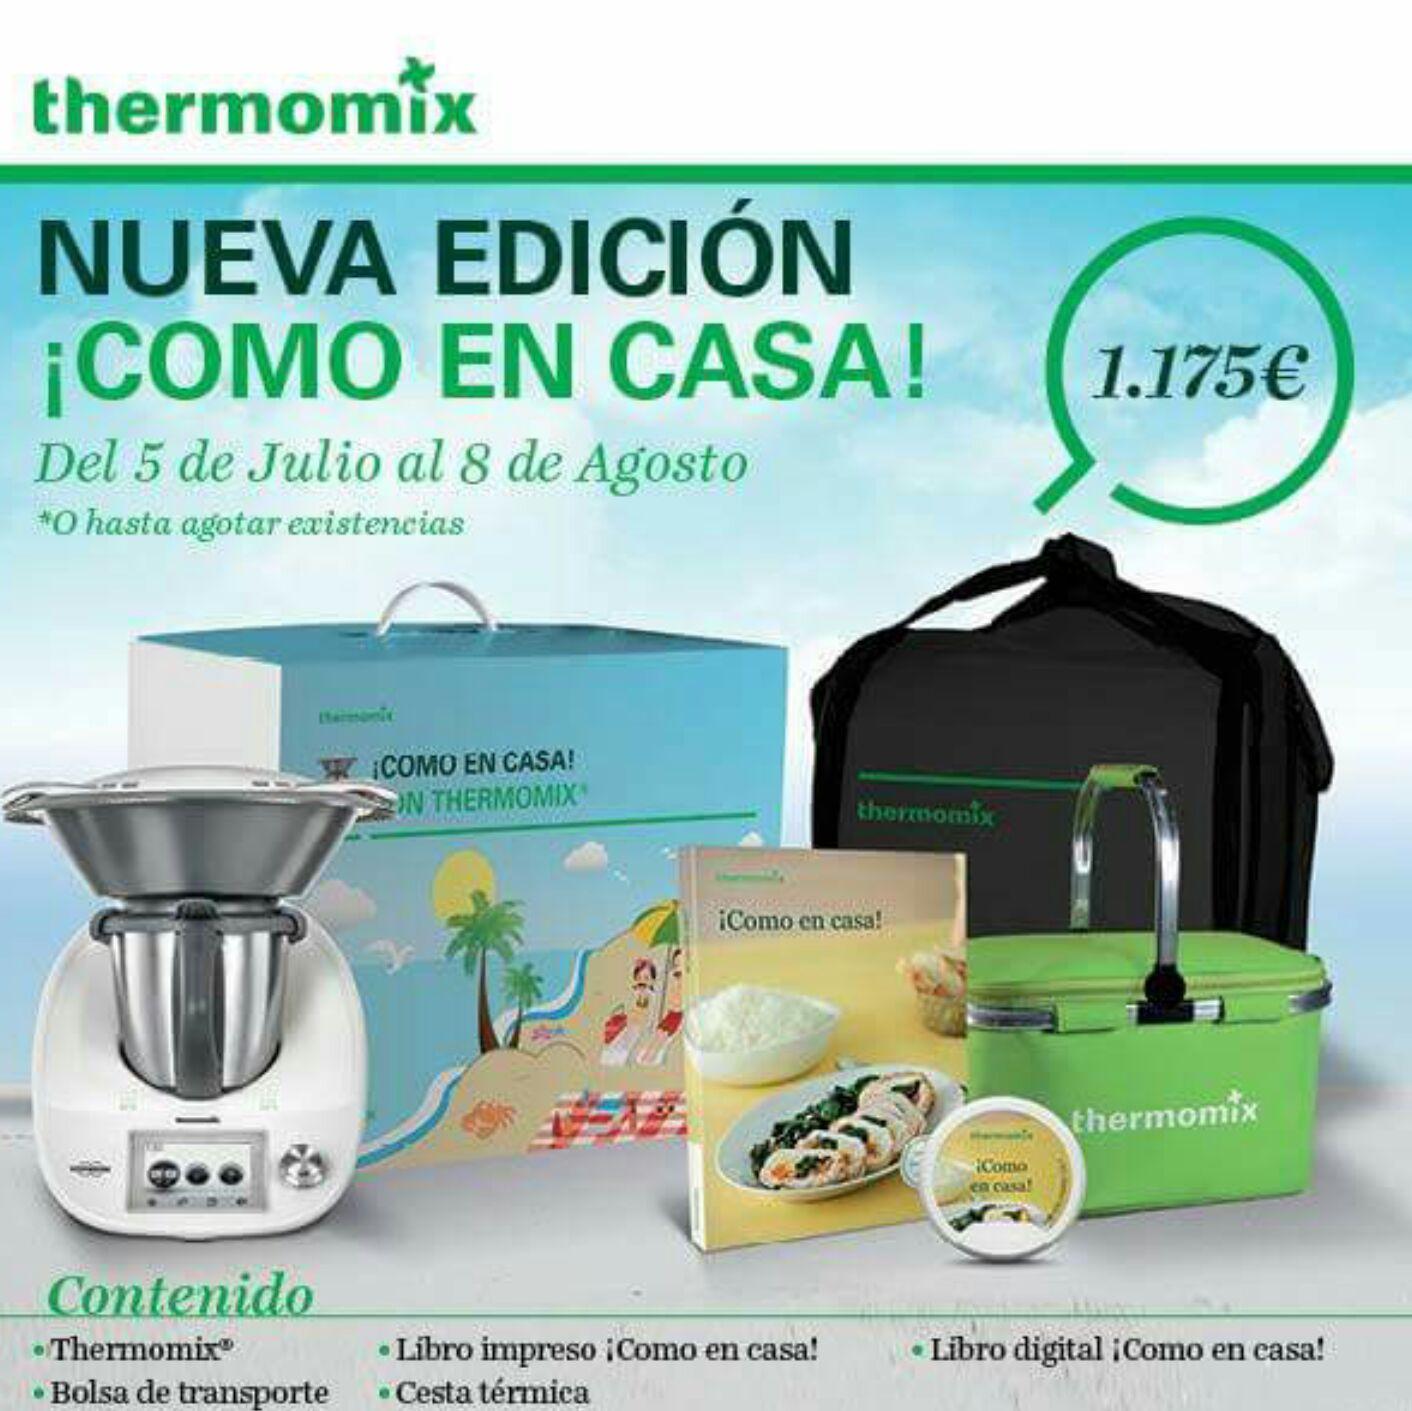 PECHUGA DE POLLO CON SOBRASADA, QUESO DE MAHÓN Y ESPINACAS EN Thermomix®